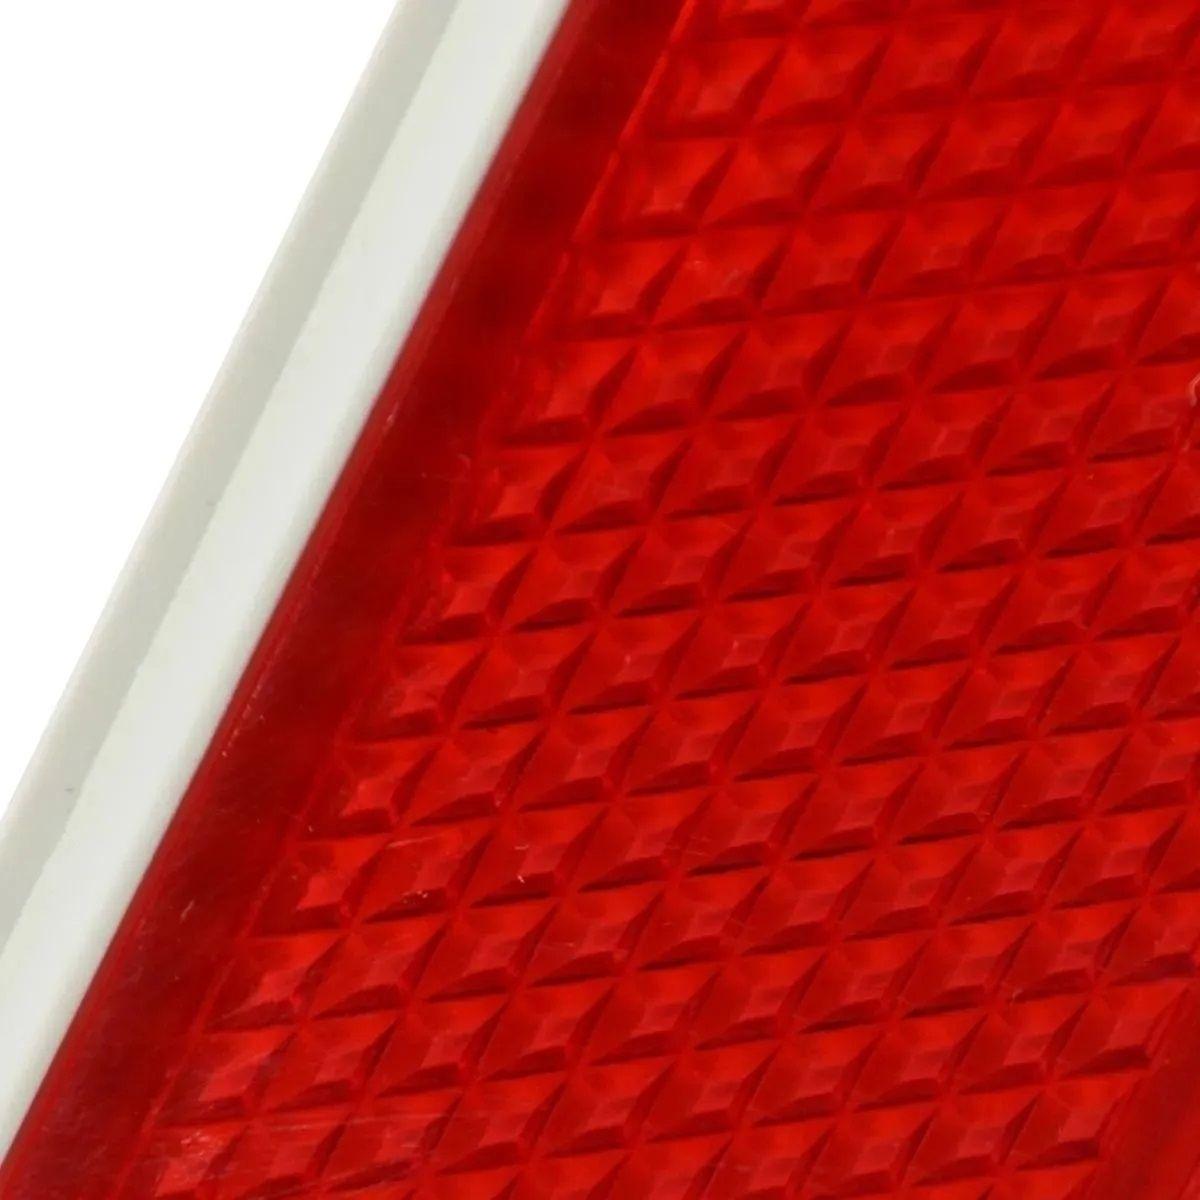 Triângulo De Carros Segurança Universal Sinalização - Branco